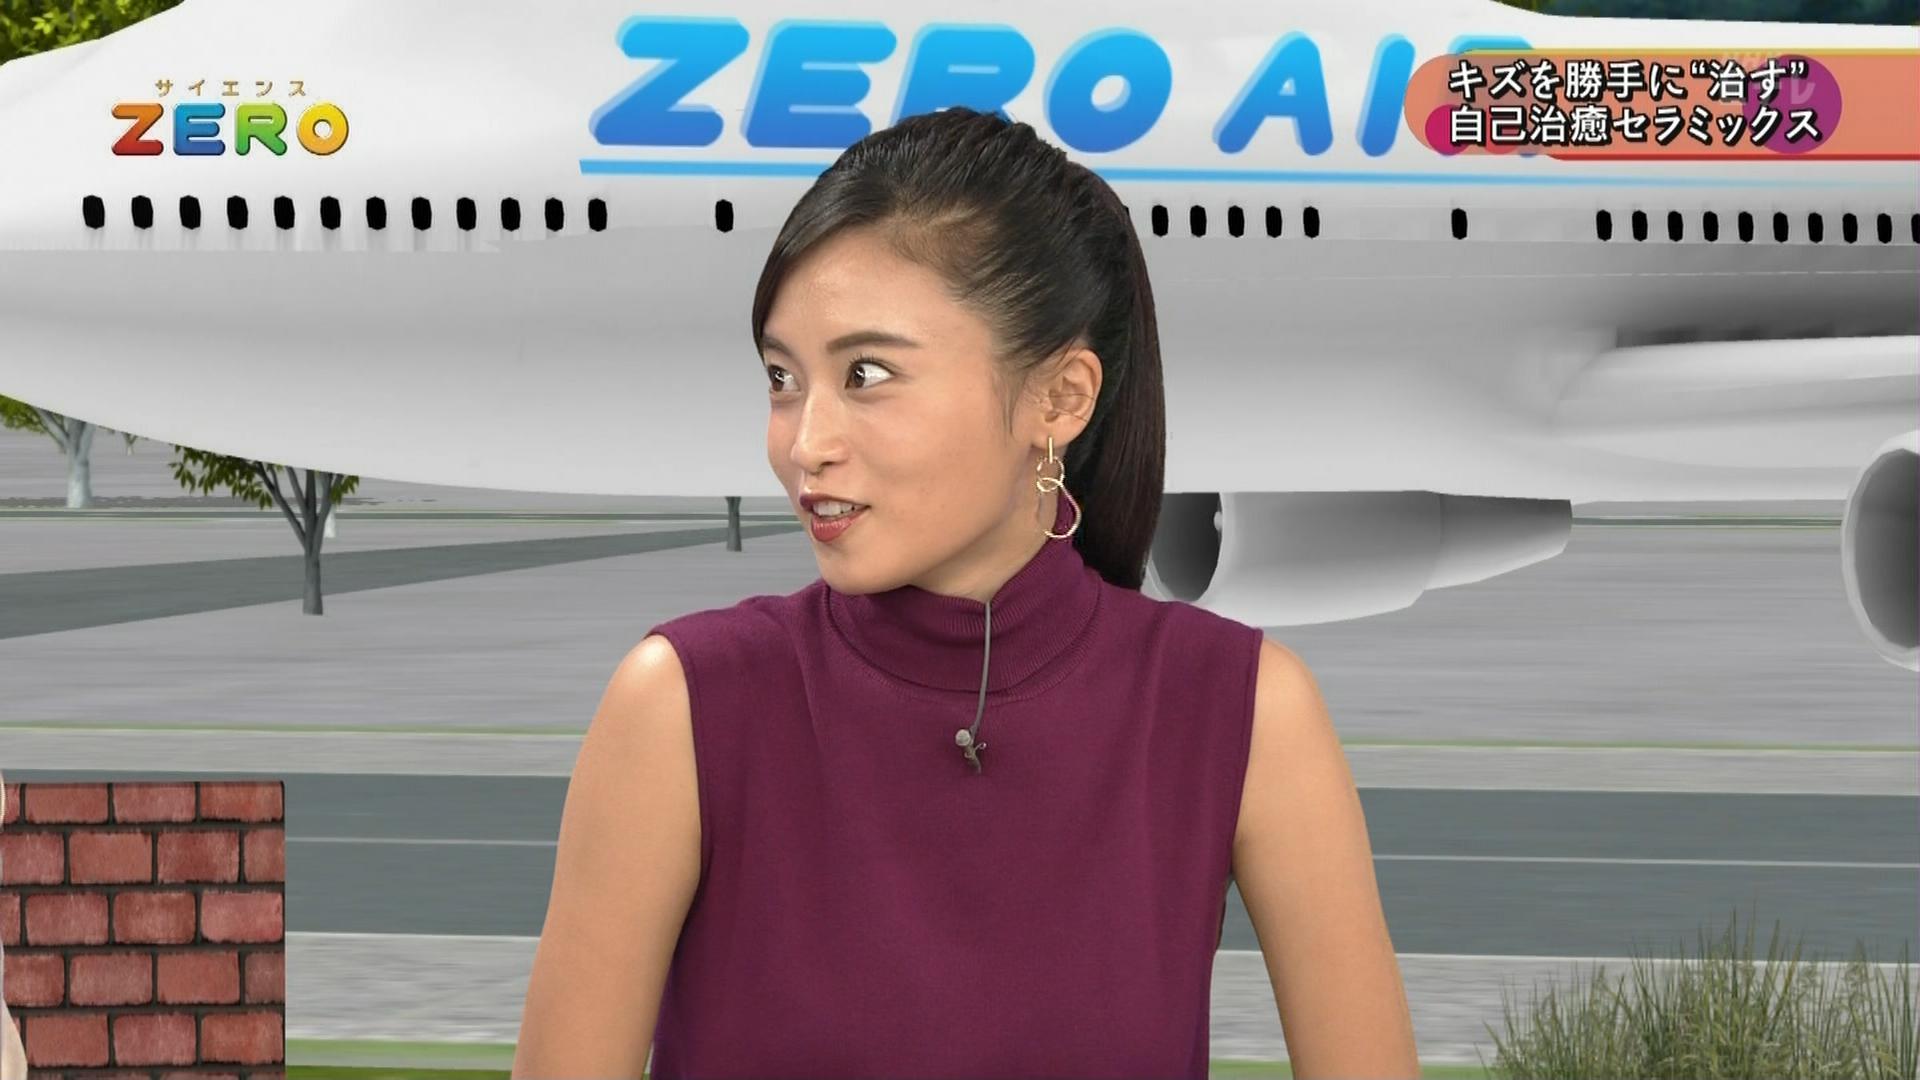 小島瑠璃子 透けノースリーブとかキャプ・エロ画像3